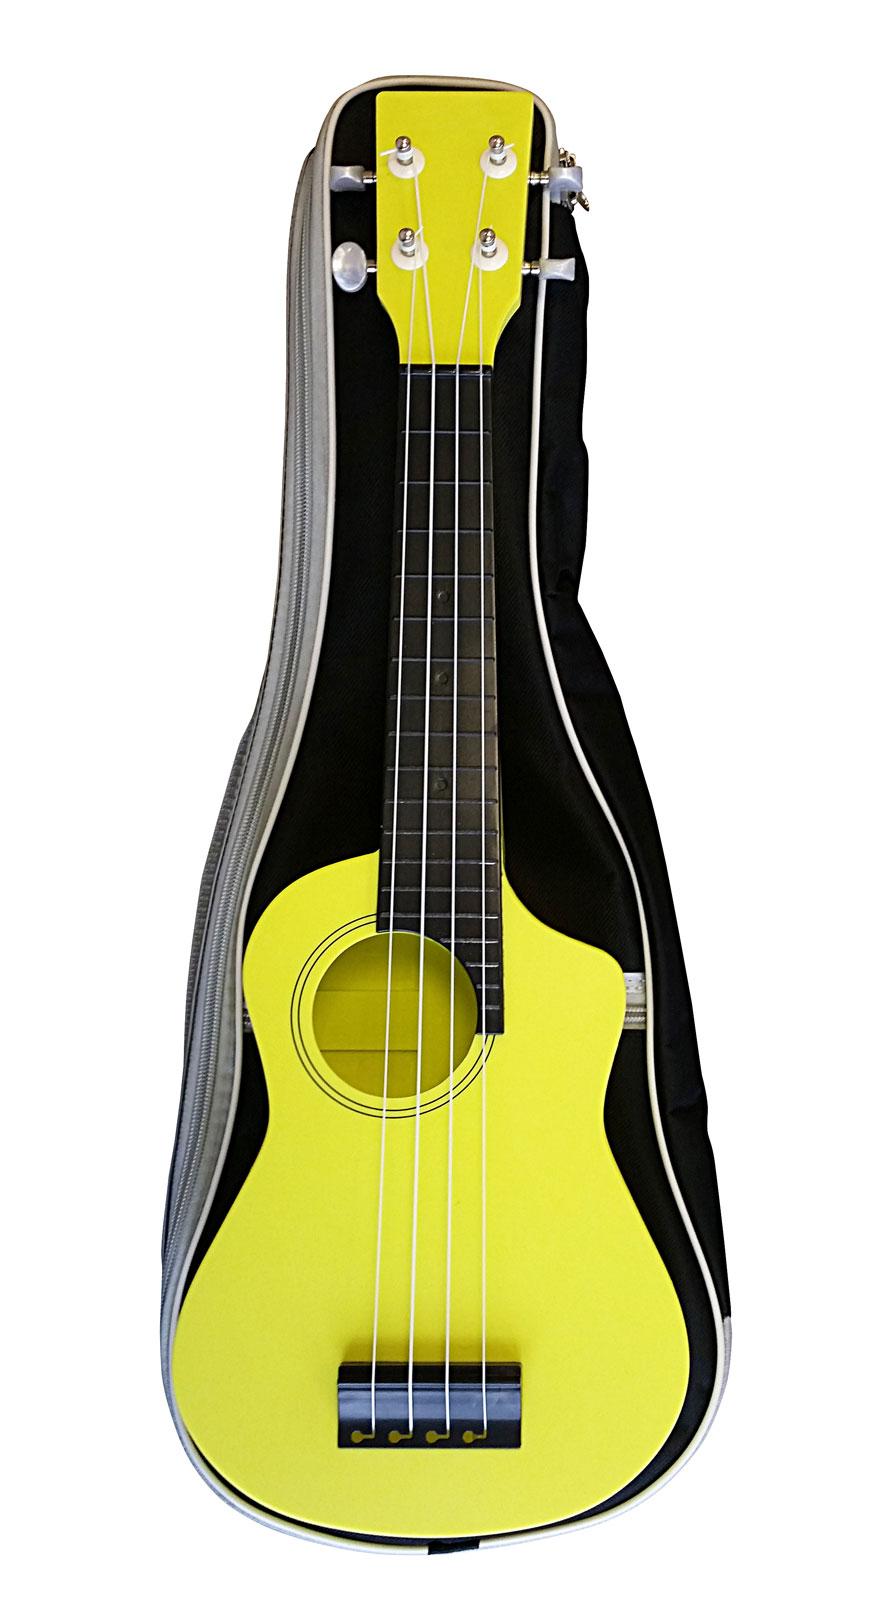 Aqualele modele soprano jaune touche noire housse for Housse ukulele